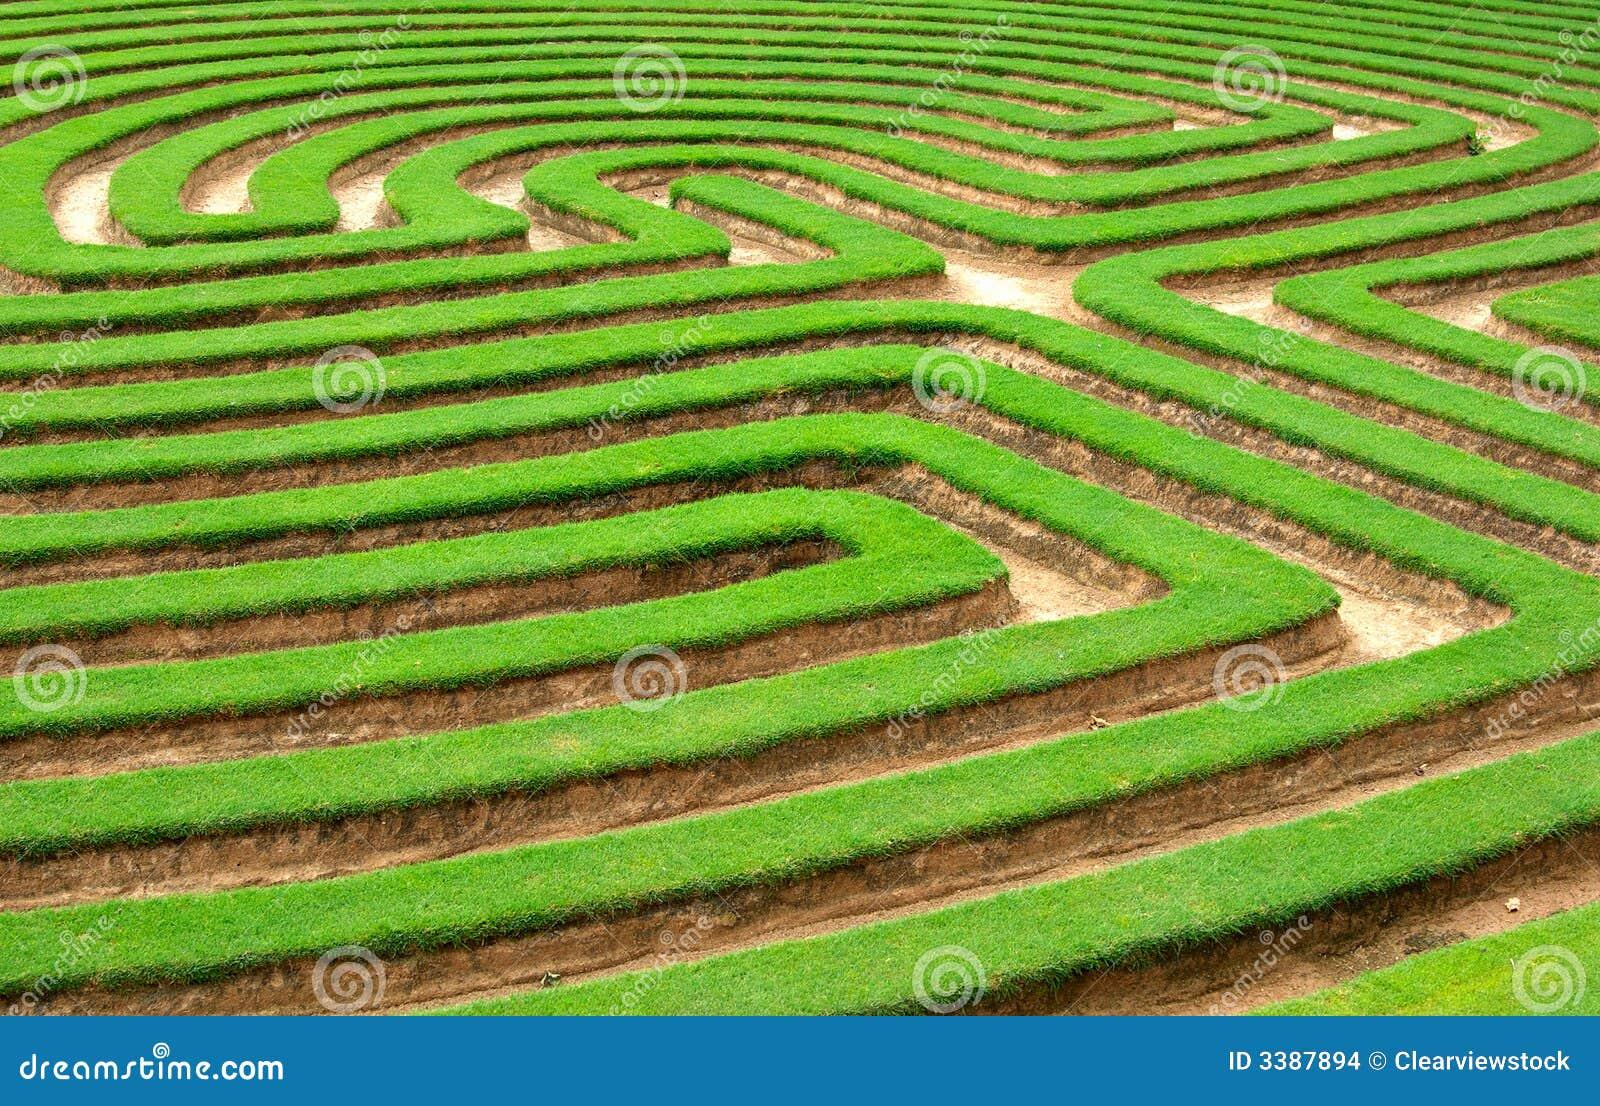 Labirinto del giardino dell erba o del prato inglese